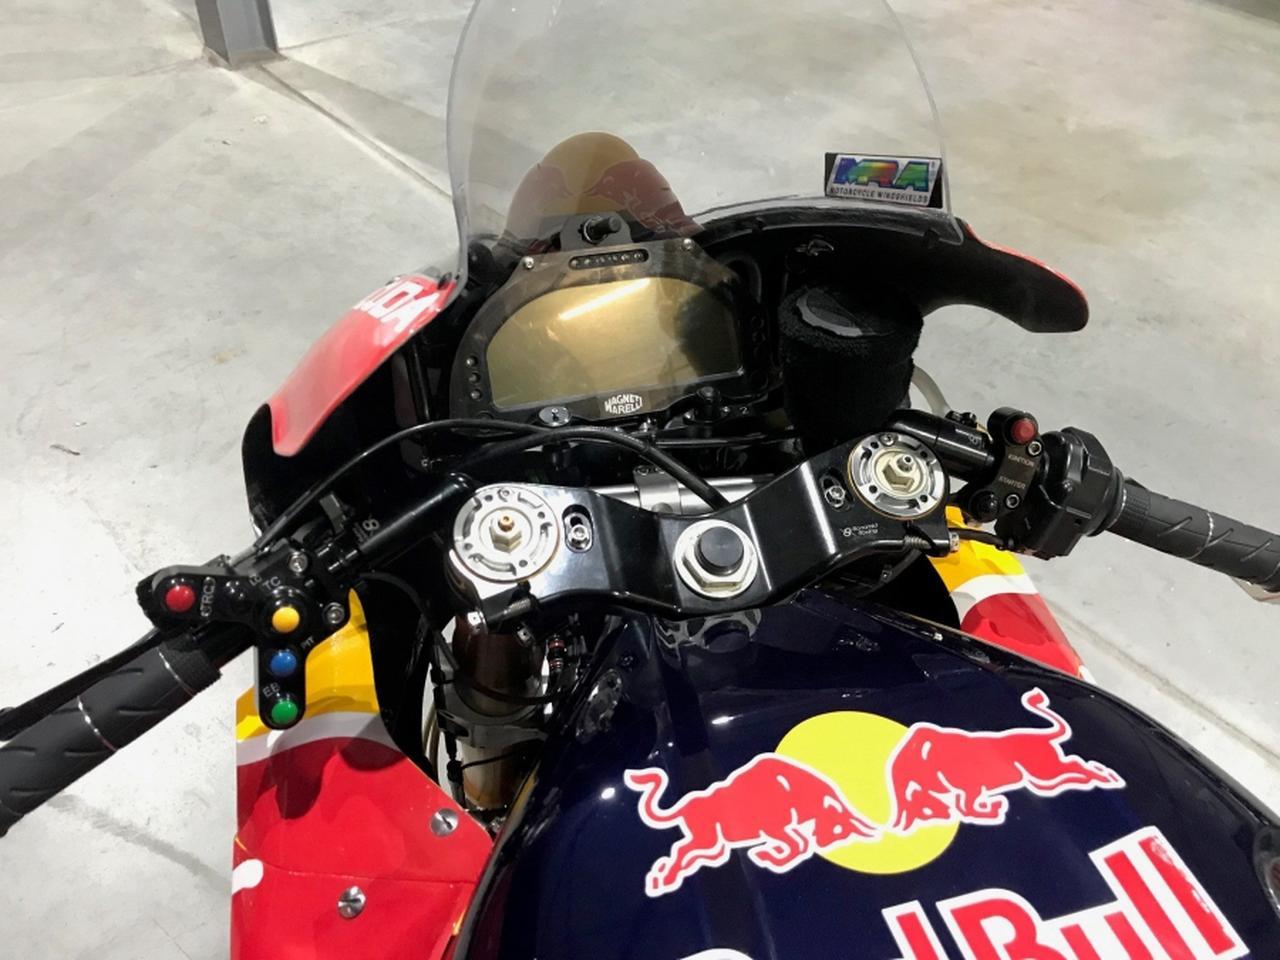 画像: この2018年型車は、マグネッティ・マレリの電子制御を備えています。サブフレームとともに、トリプルクランプはボナミーチレーシング製です。 www.tenkateracing.com